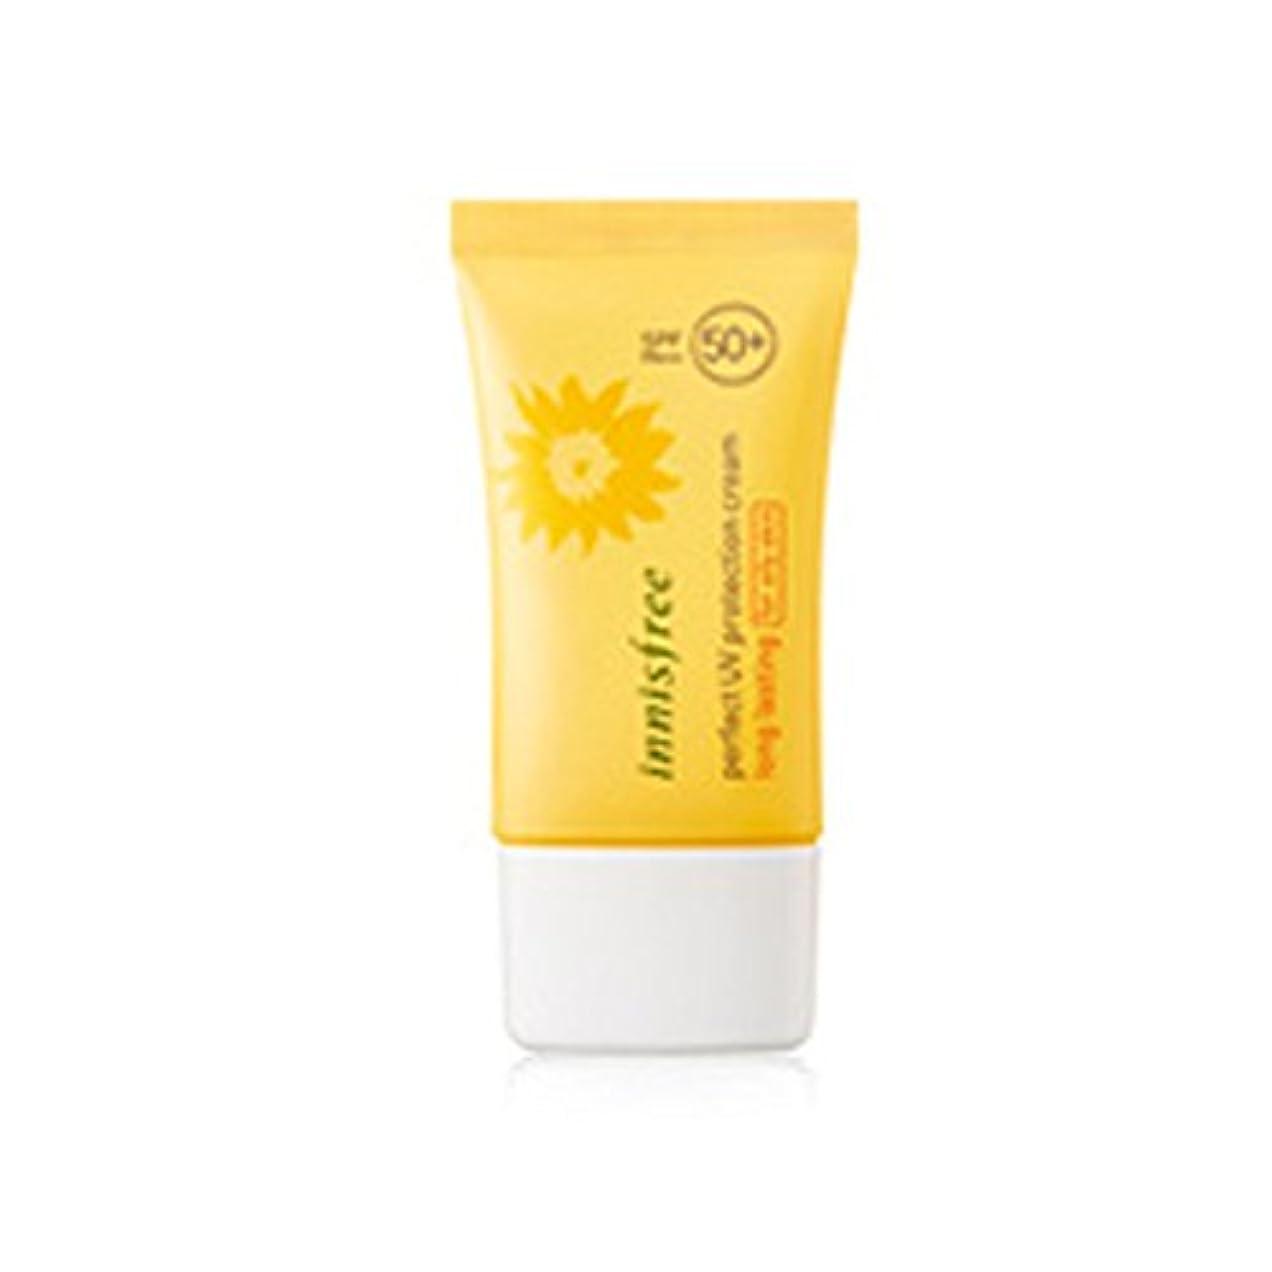 隔離パット博物館イニスフリーパーフェクトUVプロテクションクリームロングサロン/オイリースキン用50ml SPF50 + PA +++ Innisfree Perfect UV Protection Cream_Long lasting...